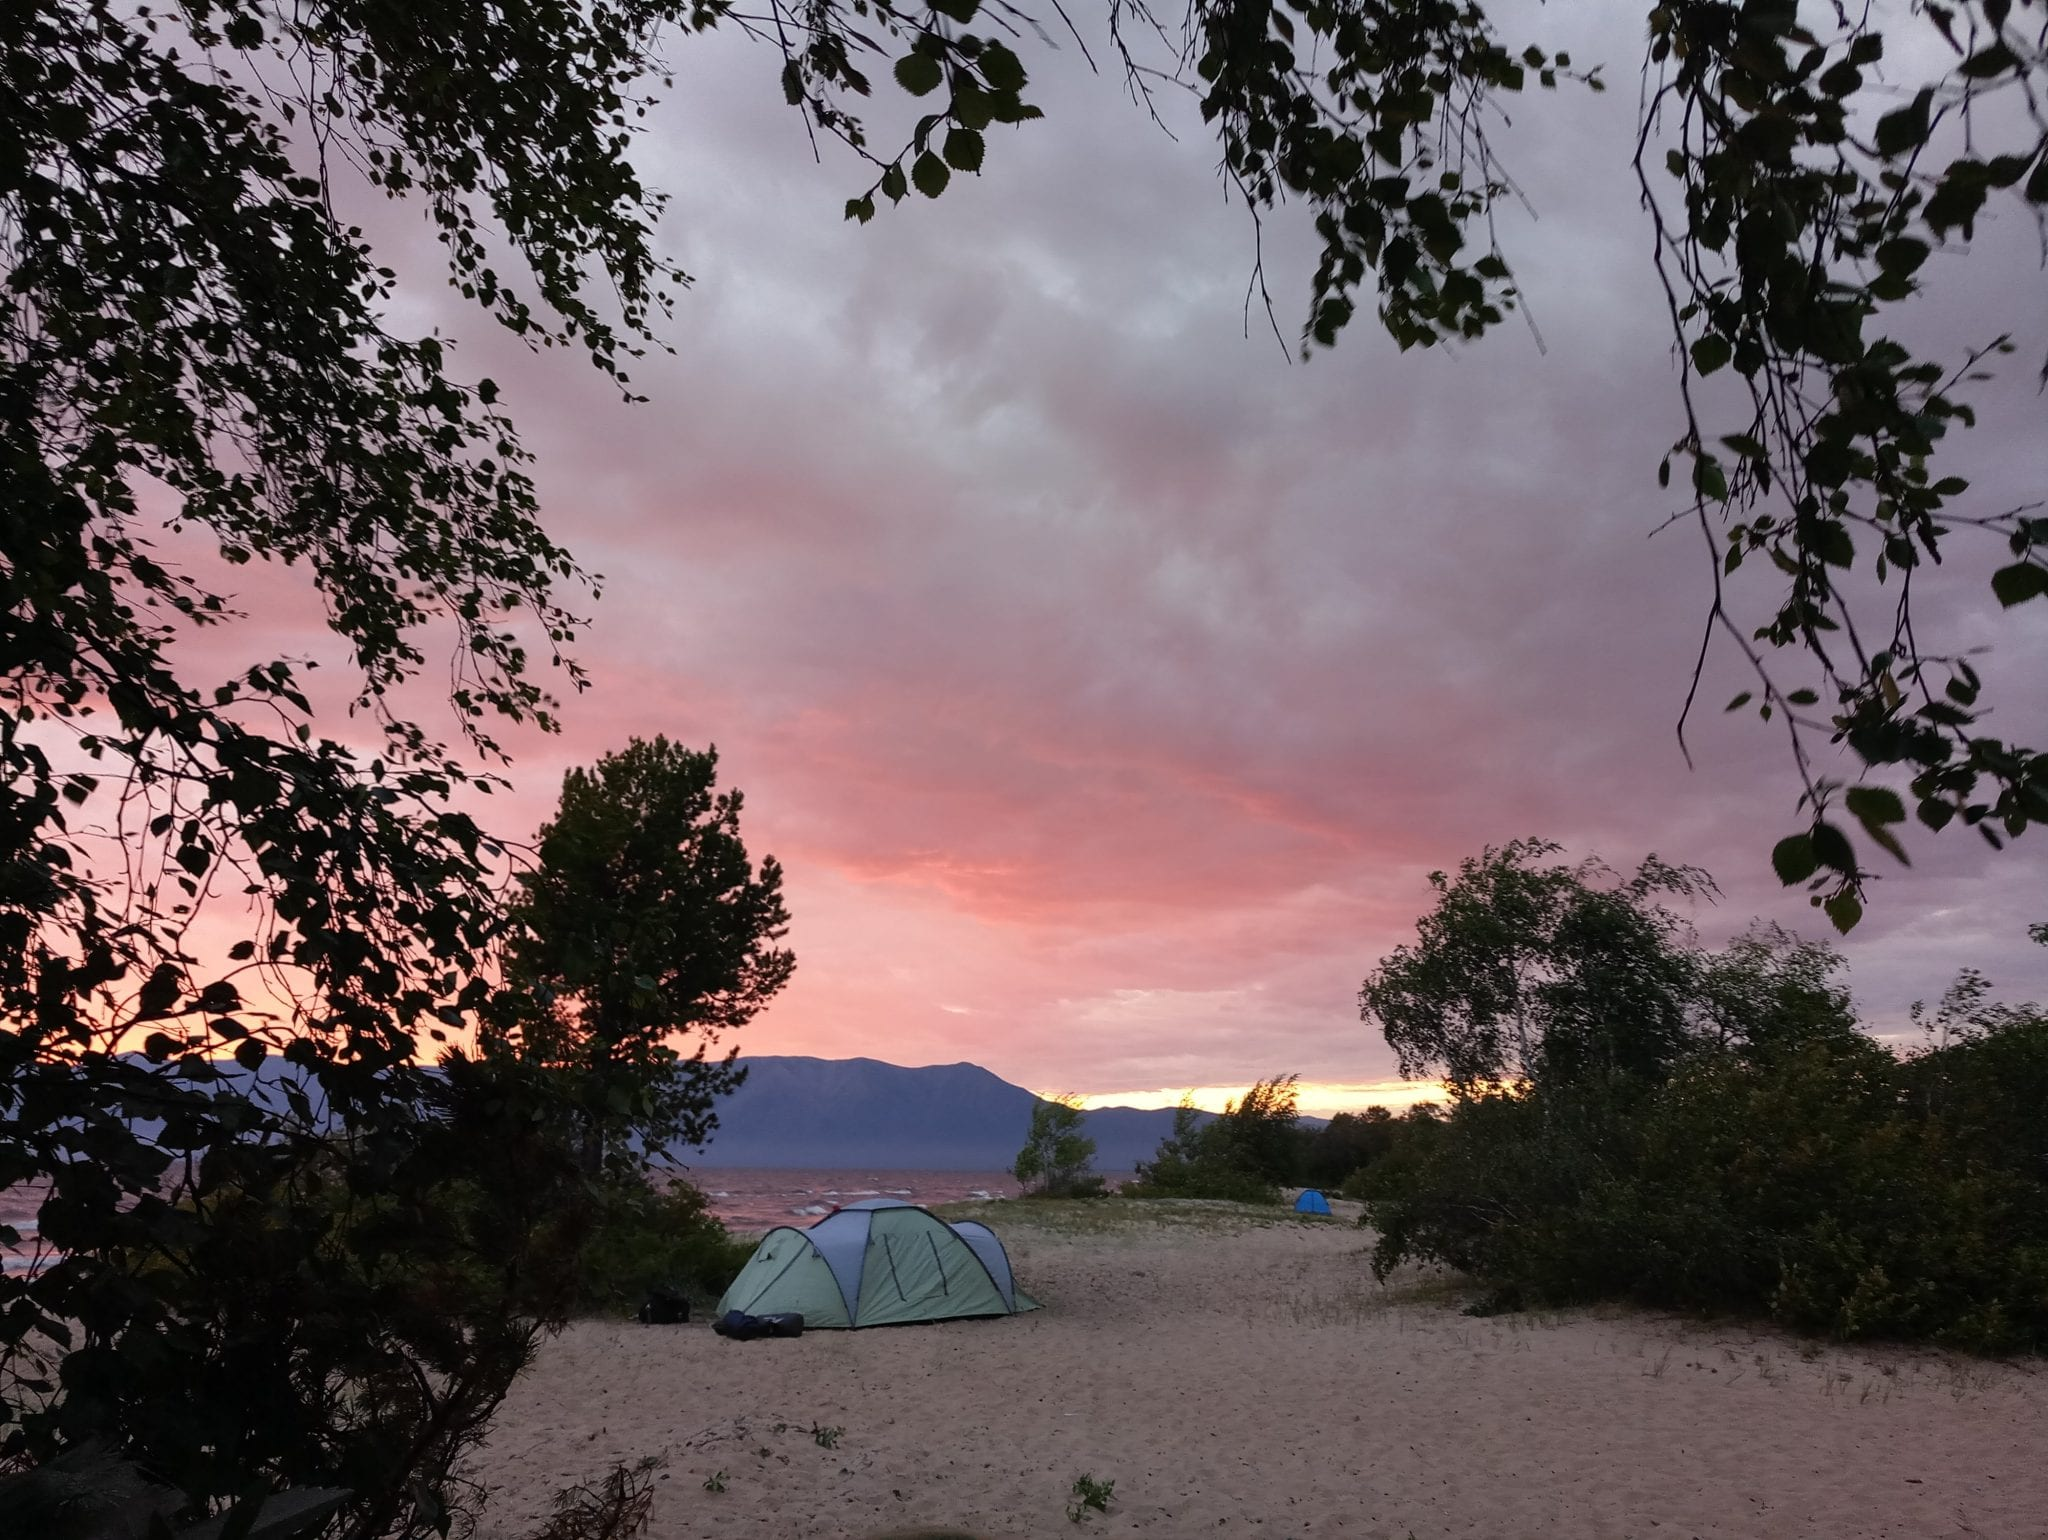 Lake Baikal tour on the Trans-Siberian